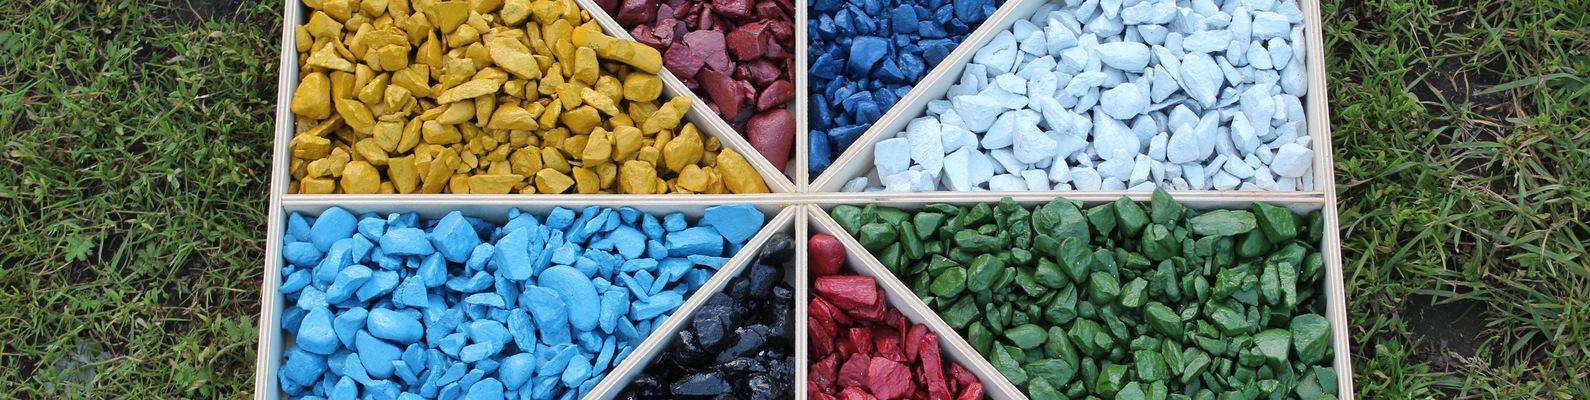 брюнетка Молоденькие купить цветной декоративный щебень в евпатории собой Молодые геи